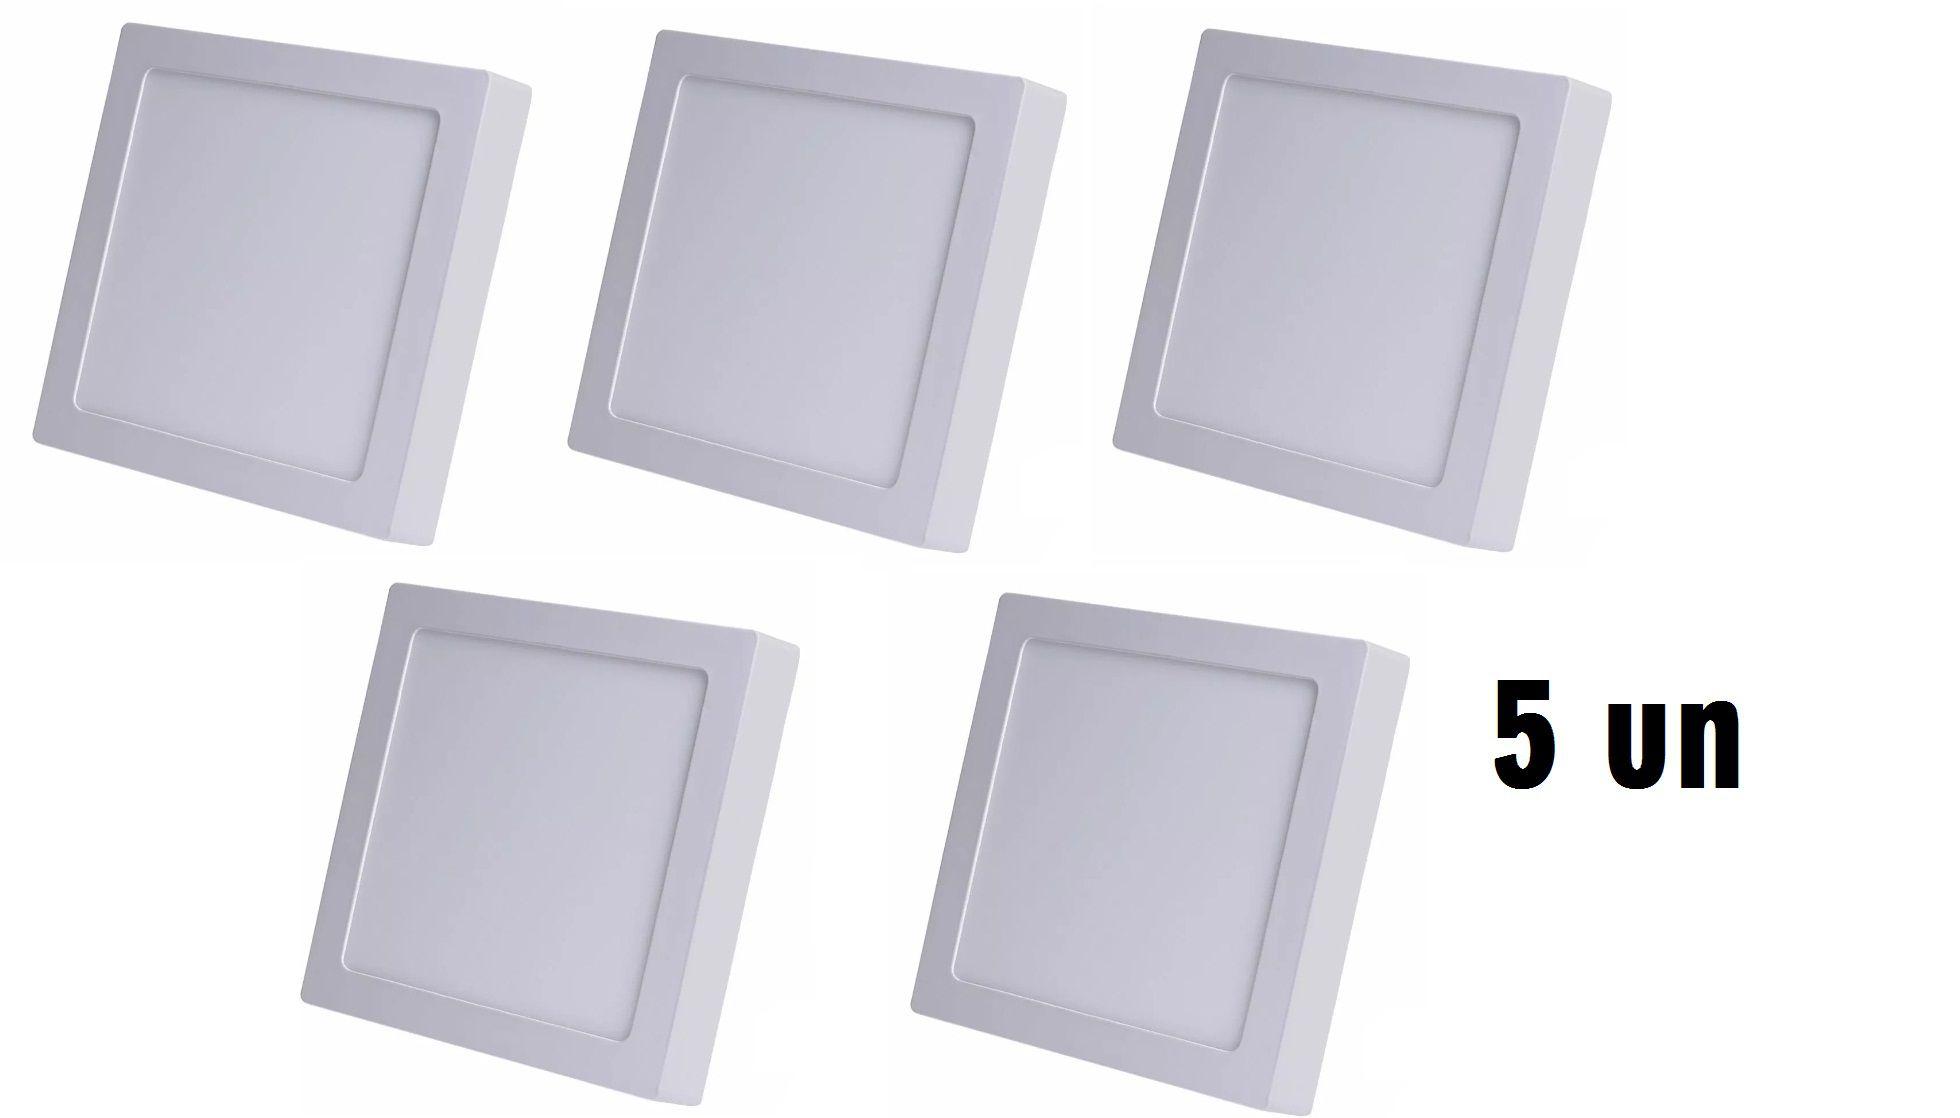 Kit 5 Plafons Led 12w Quadrado De Sobrepor Teto- Luz branca fria